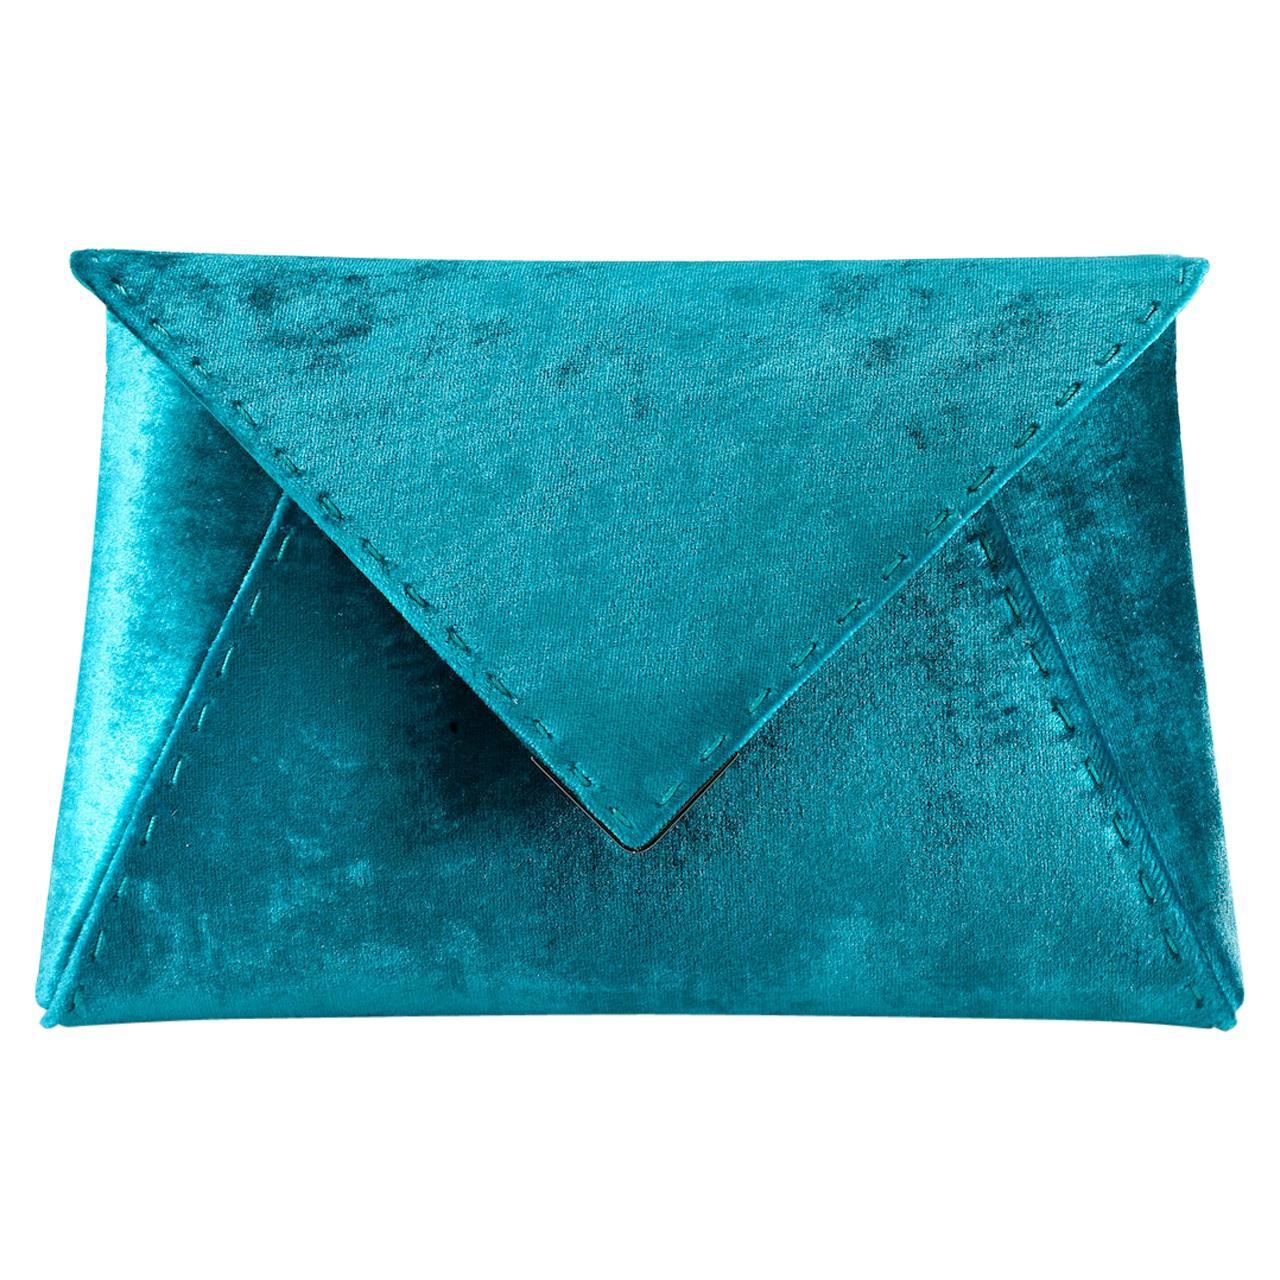 TYLER ELLIS Lee Pouchet Small Blue-Green Crushed Velvet Gunmetal Hardware